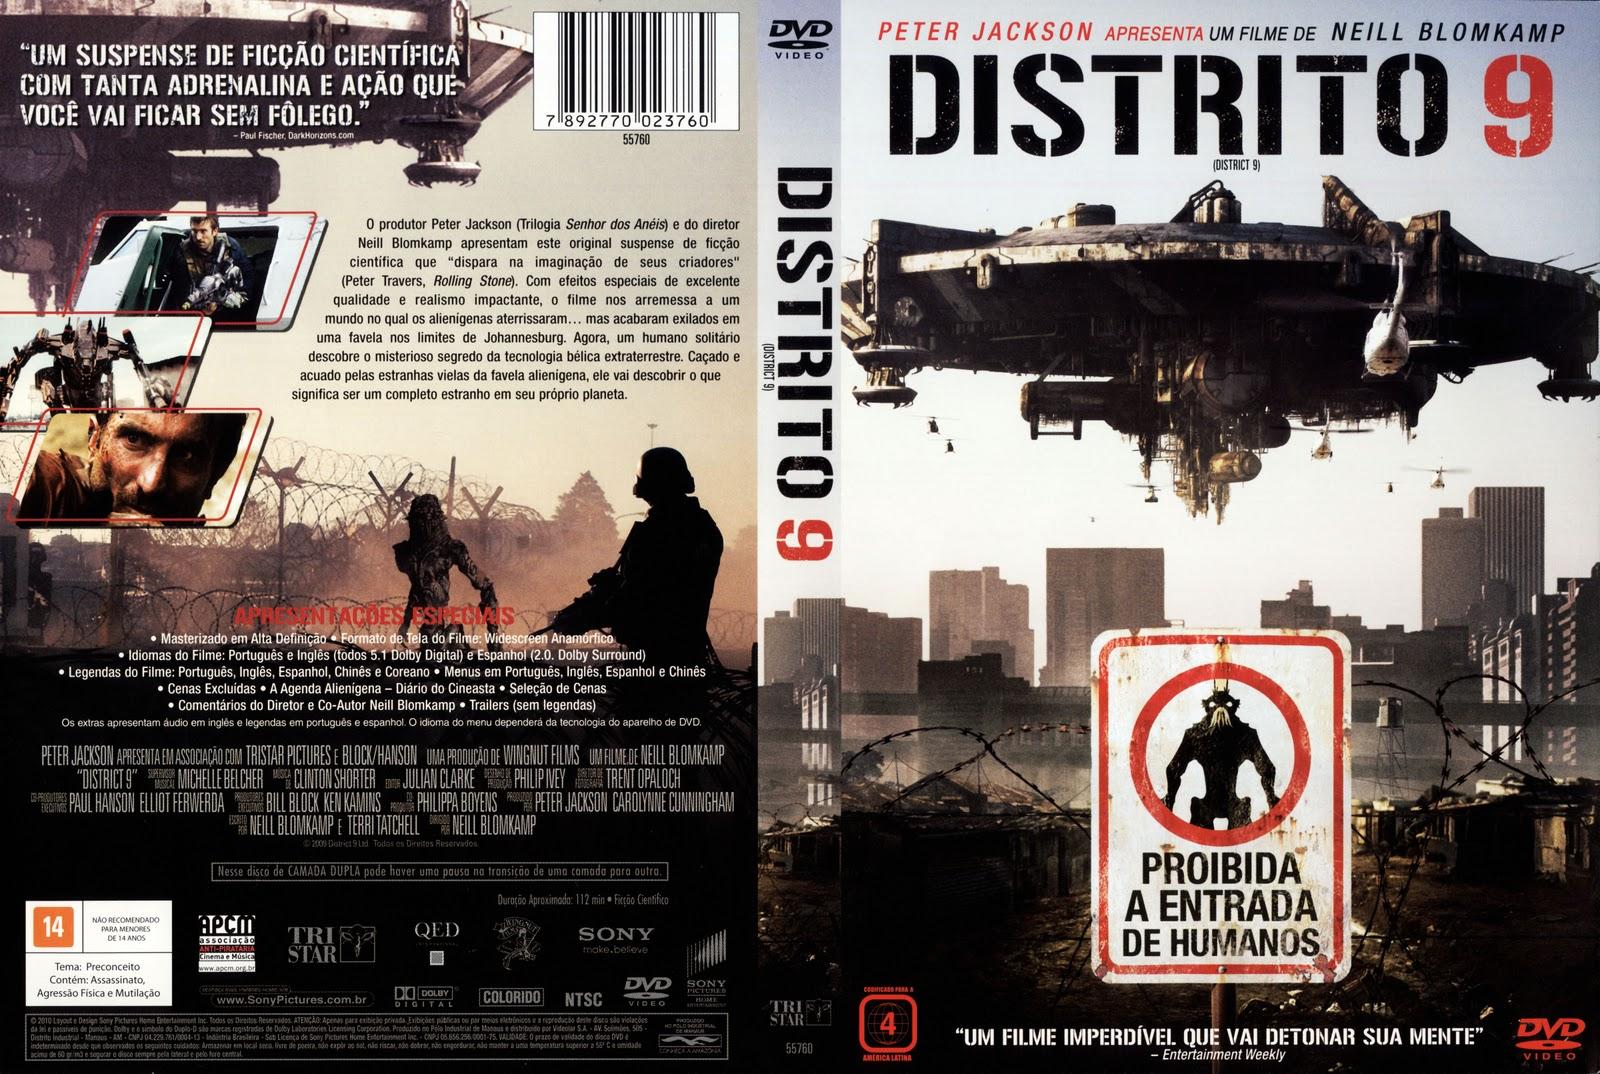 Torrent - Distrito 9 Blu-ray rip 720p e 1080p Dual Áudio 5.1 (2009)